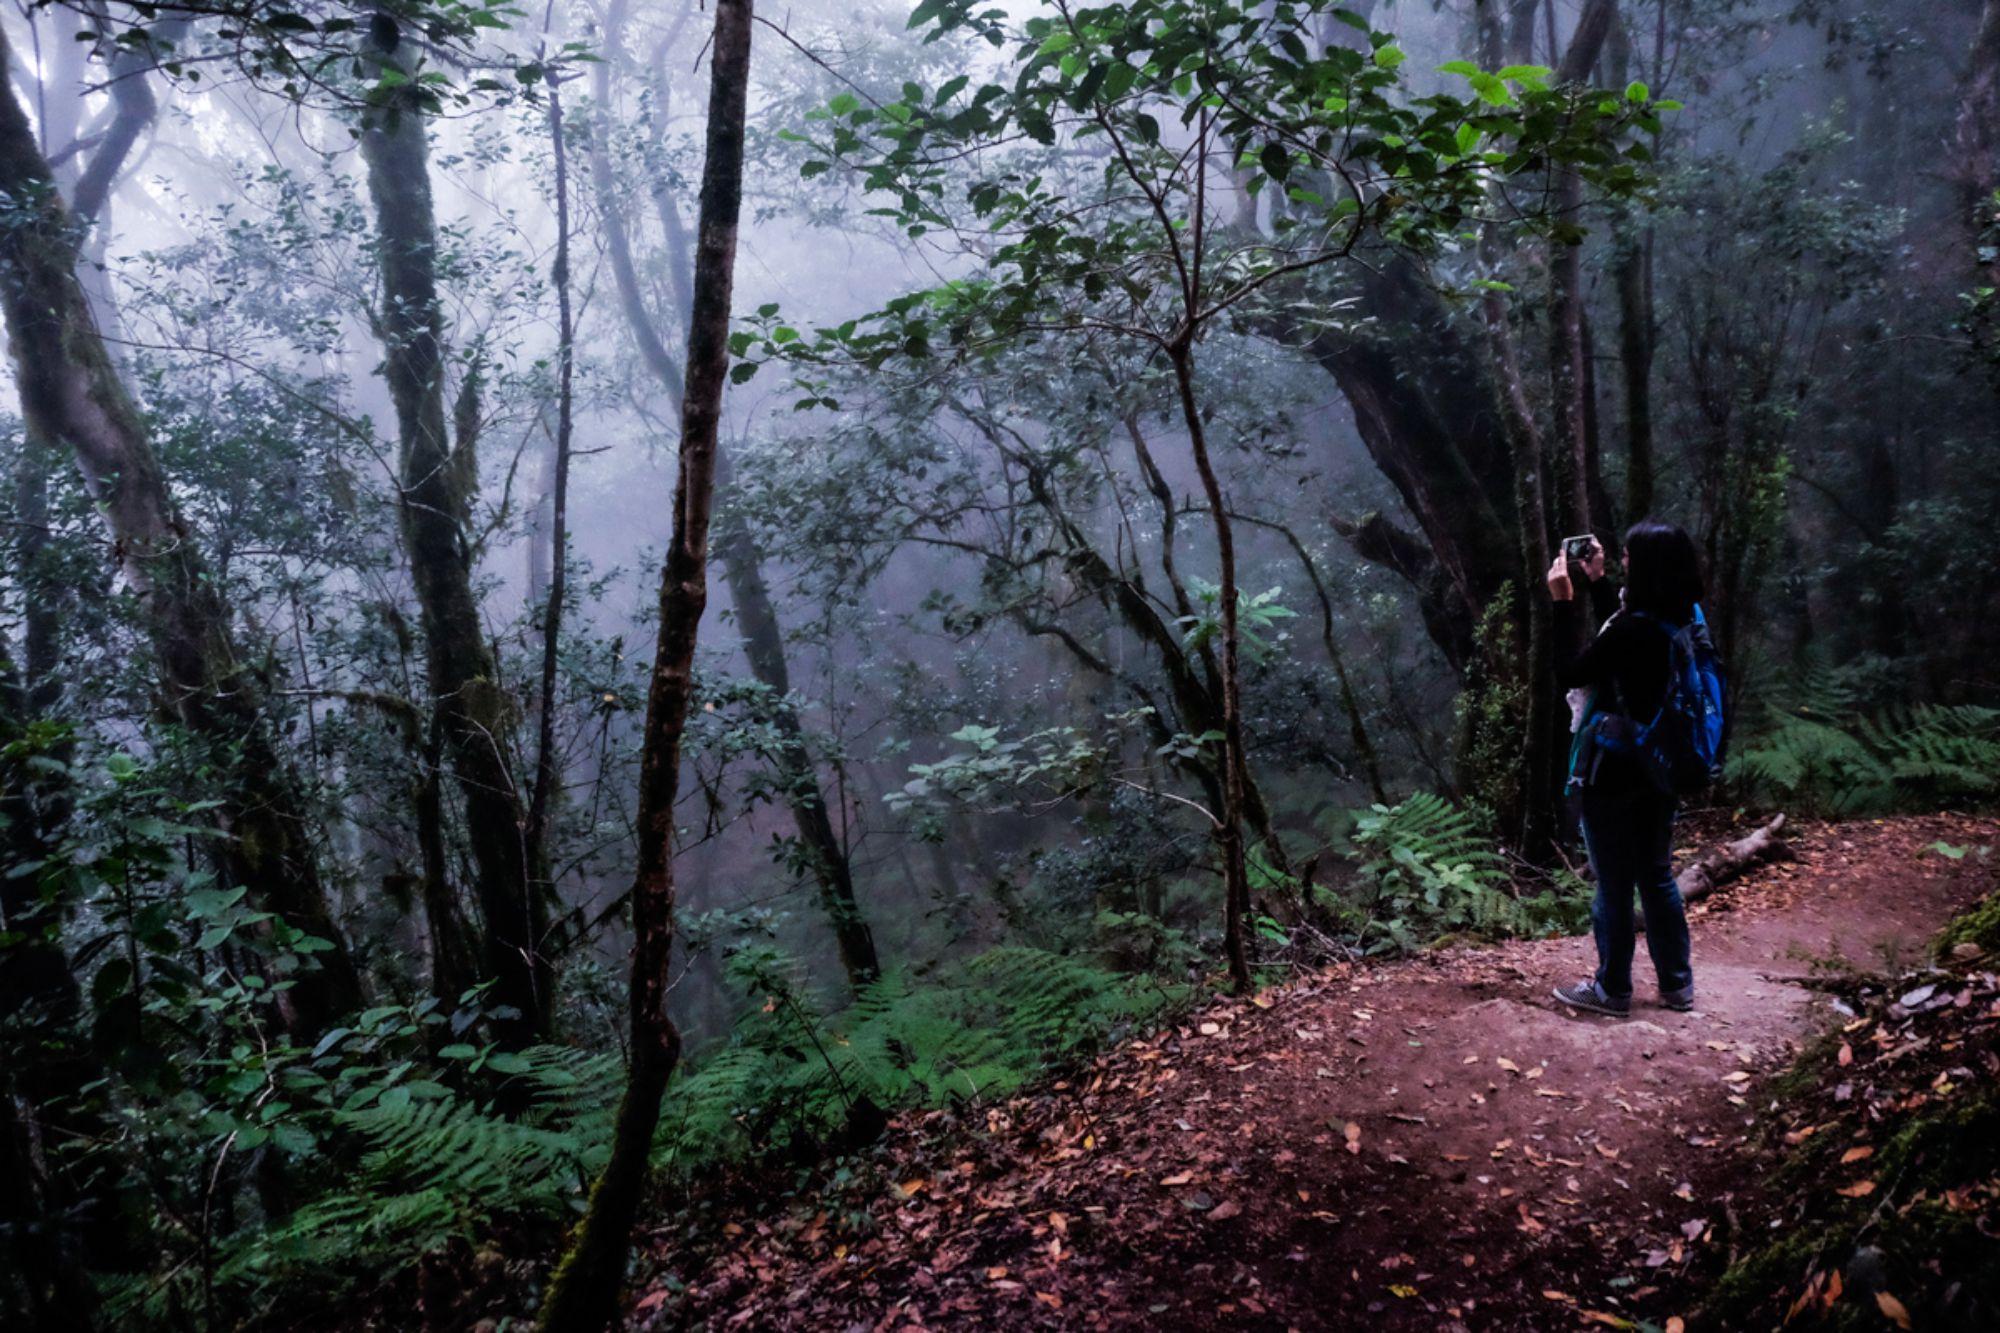 En el corazón de la Isla de La Gomera, en el parque nacional de Garajonay, los aquelarres eran frecuentes. Foto: Hugo Palotto.